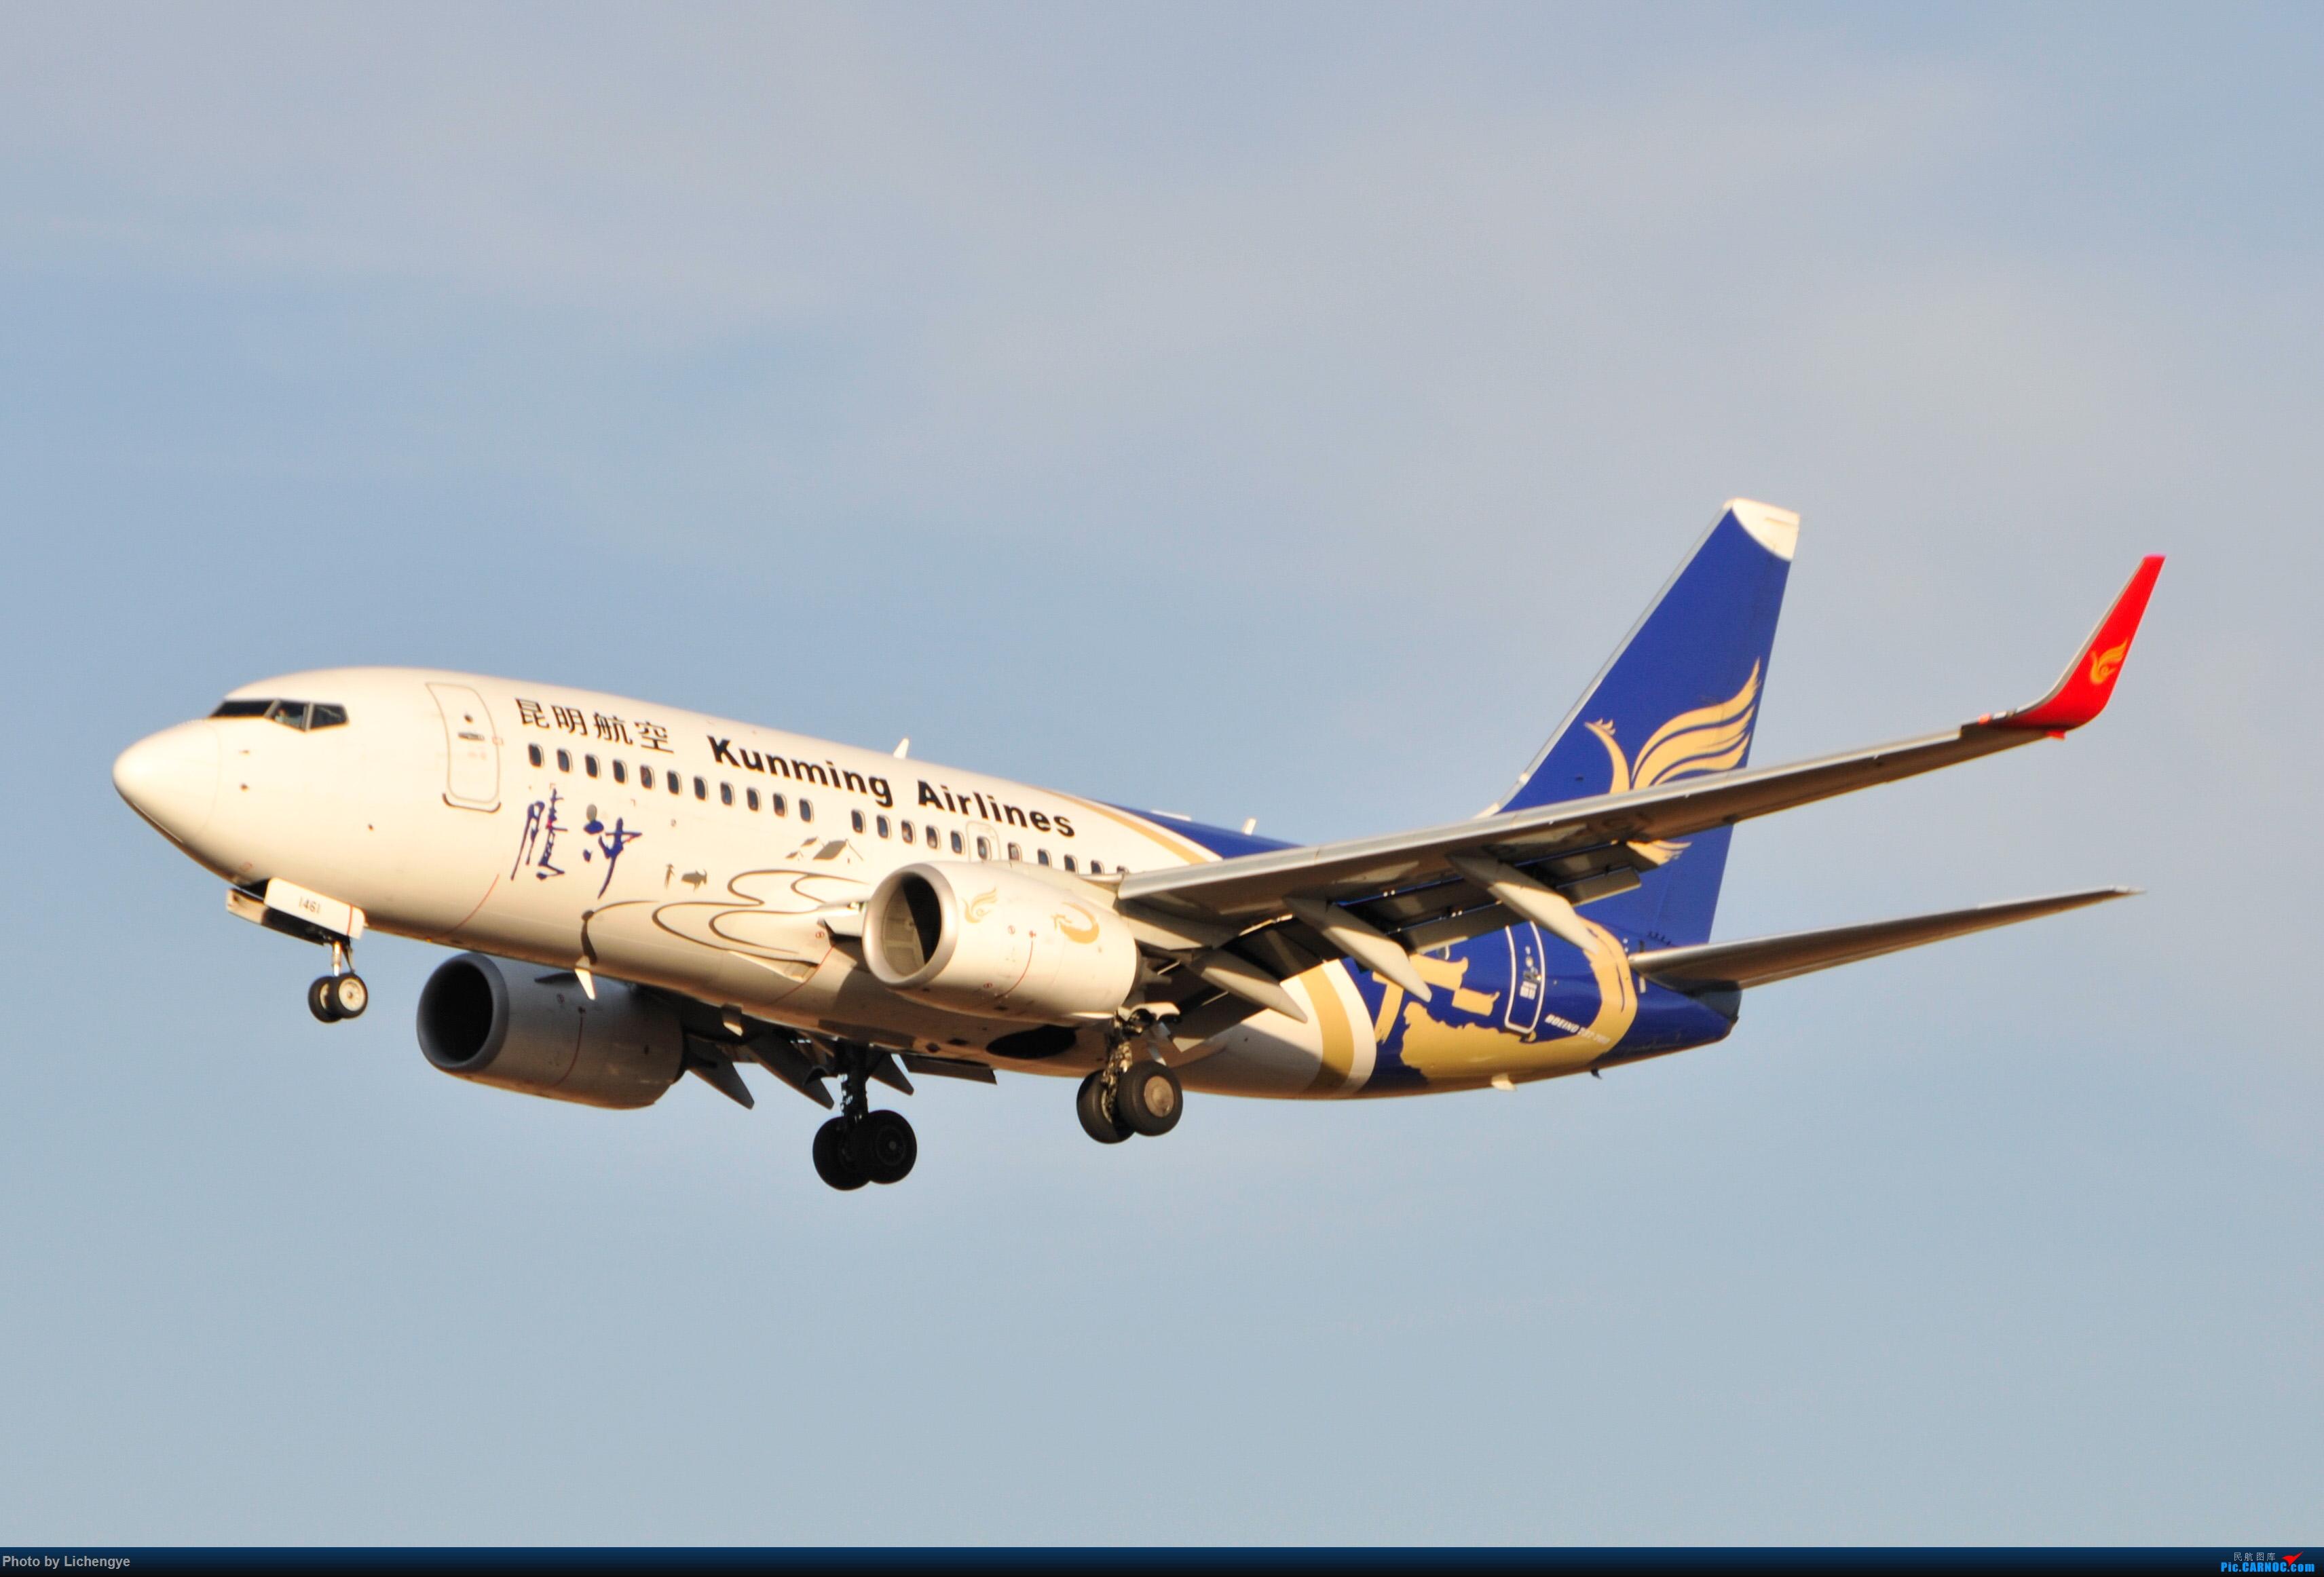 [原创]昆明航空 B-737-700 B-1461 腾冲号彩绘机 BOEING 737-700 B-1461 中国太原武宿国际机场